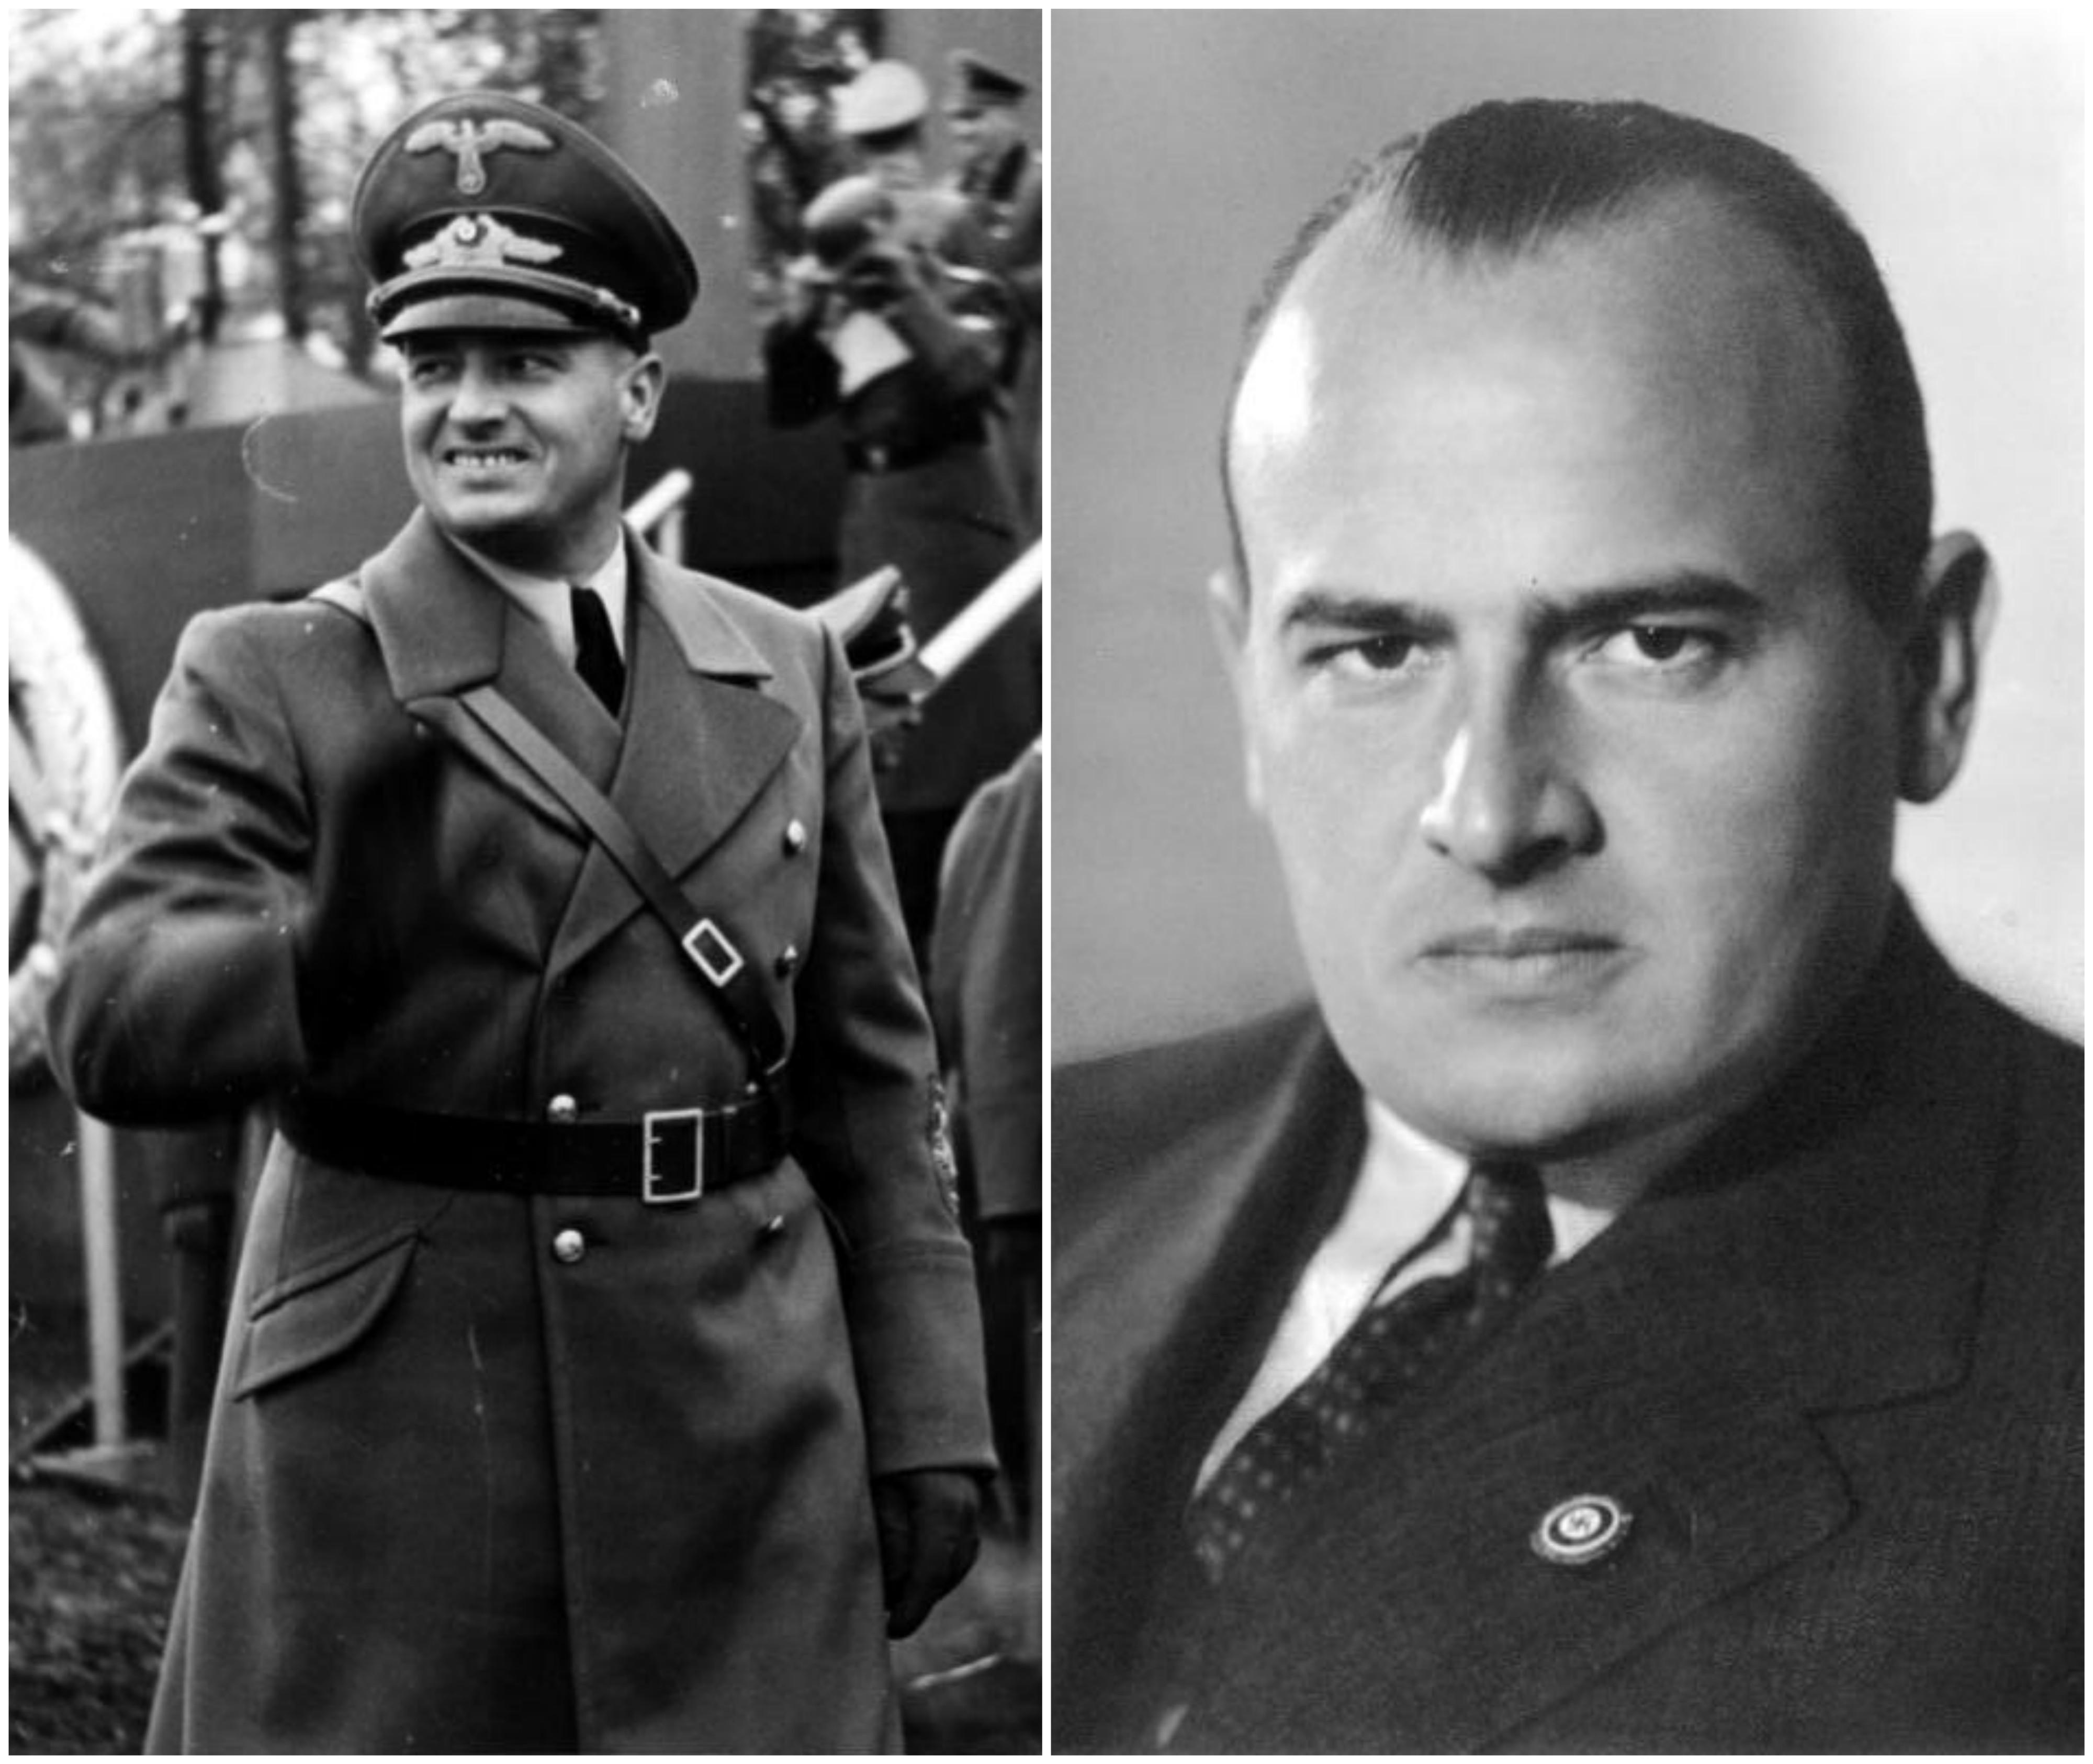 Hans Frank w czasie II wojny światowej był szefem Generalnego Gubernatorstwa utworzonego na terenie okupowanej Polski (fot. Bundesarchiv, Bild 121-0270 / CC-BY-SA 3.0 / Bundesarchiv, Bild 146-1989-011-13 / CC-BY-SA 3.0)